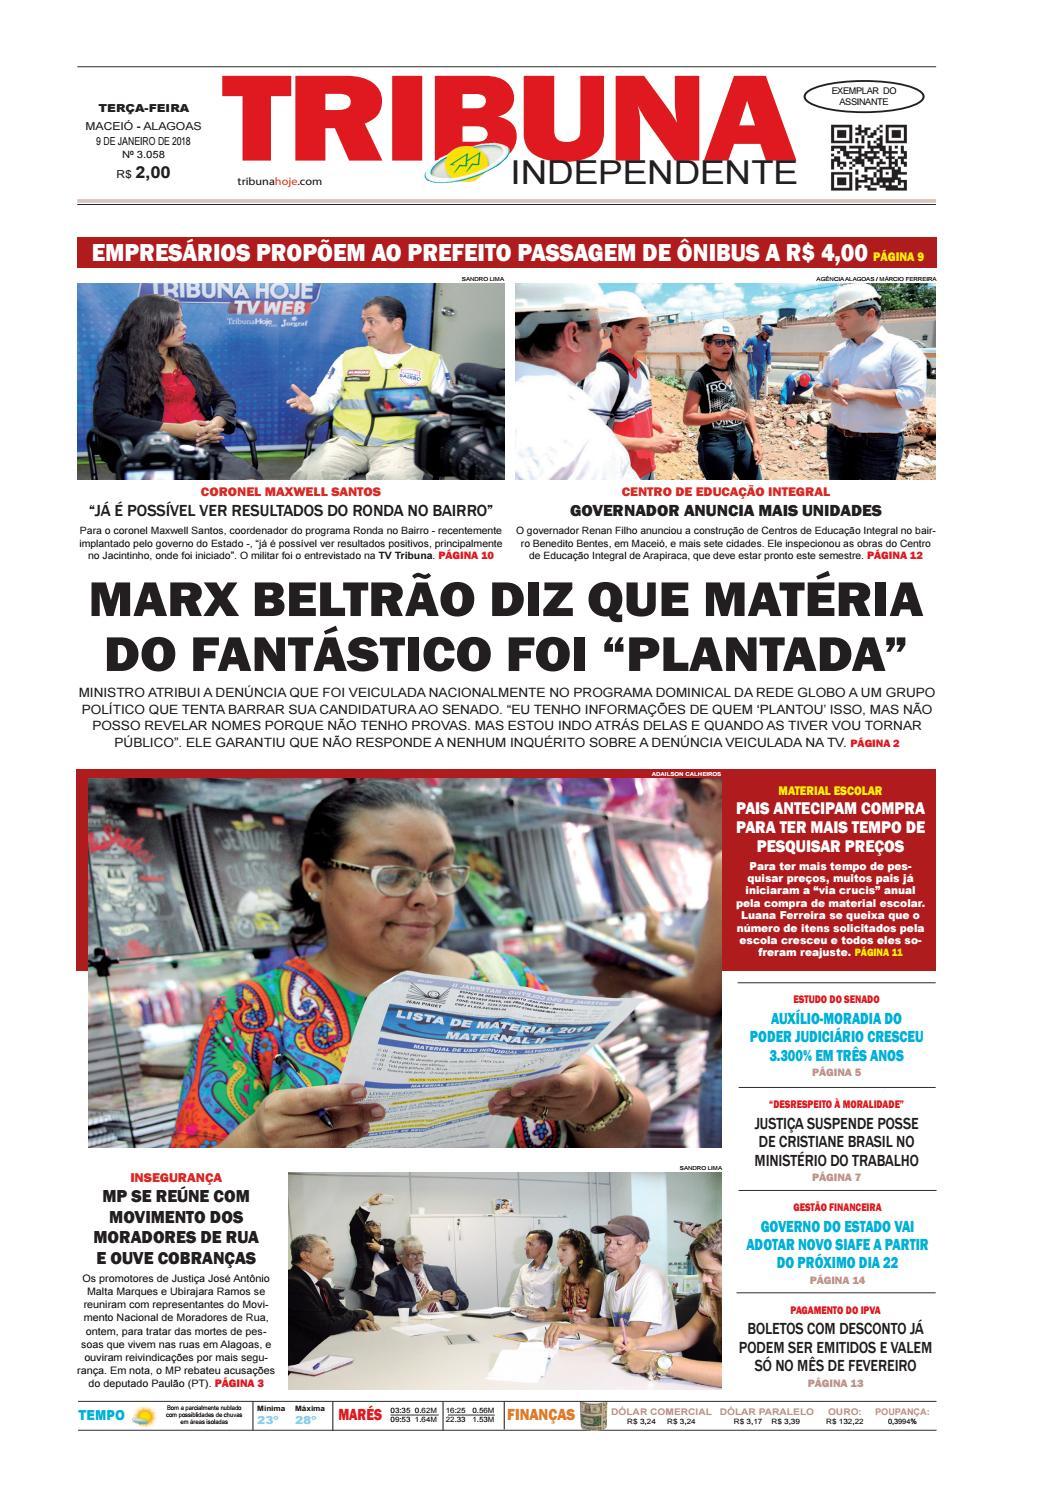 c9429882db3 Edição número 3058 - 9 de janeiro de 2018 by Tribuna Hoje - issuu